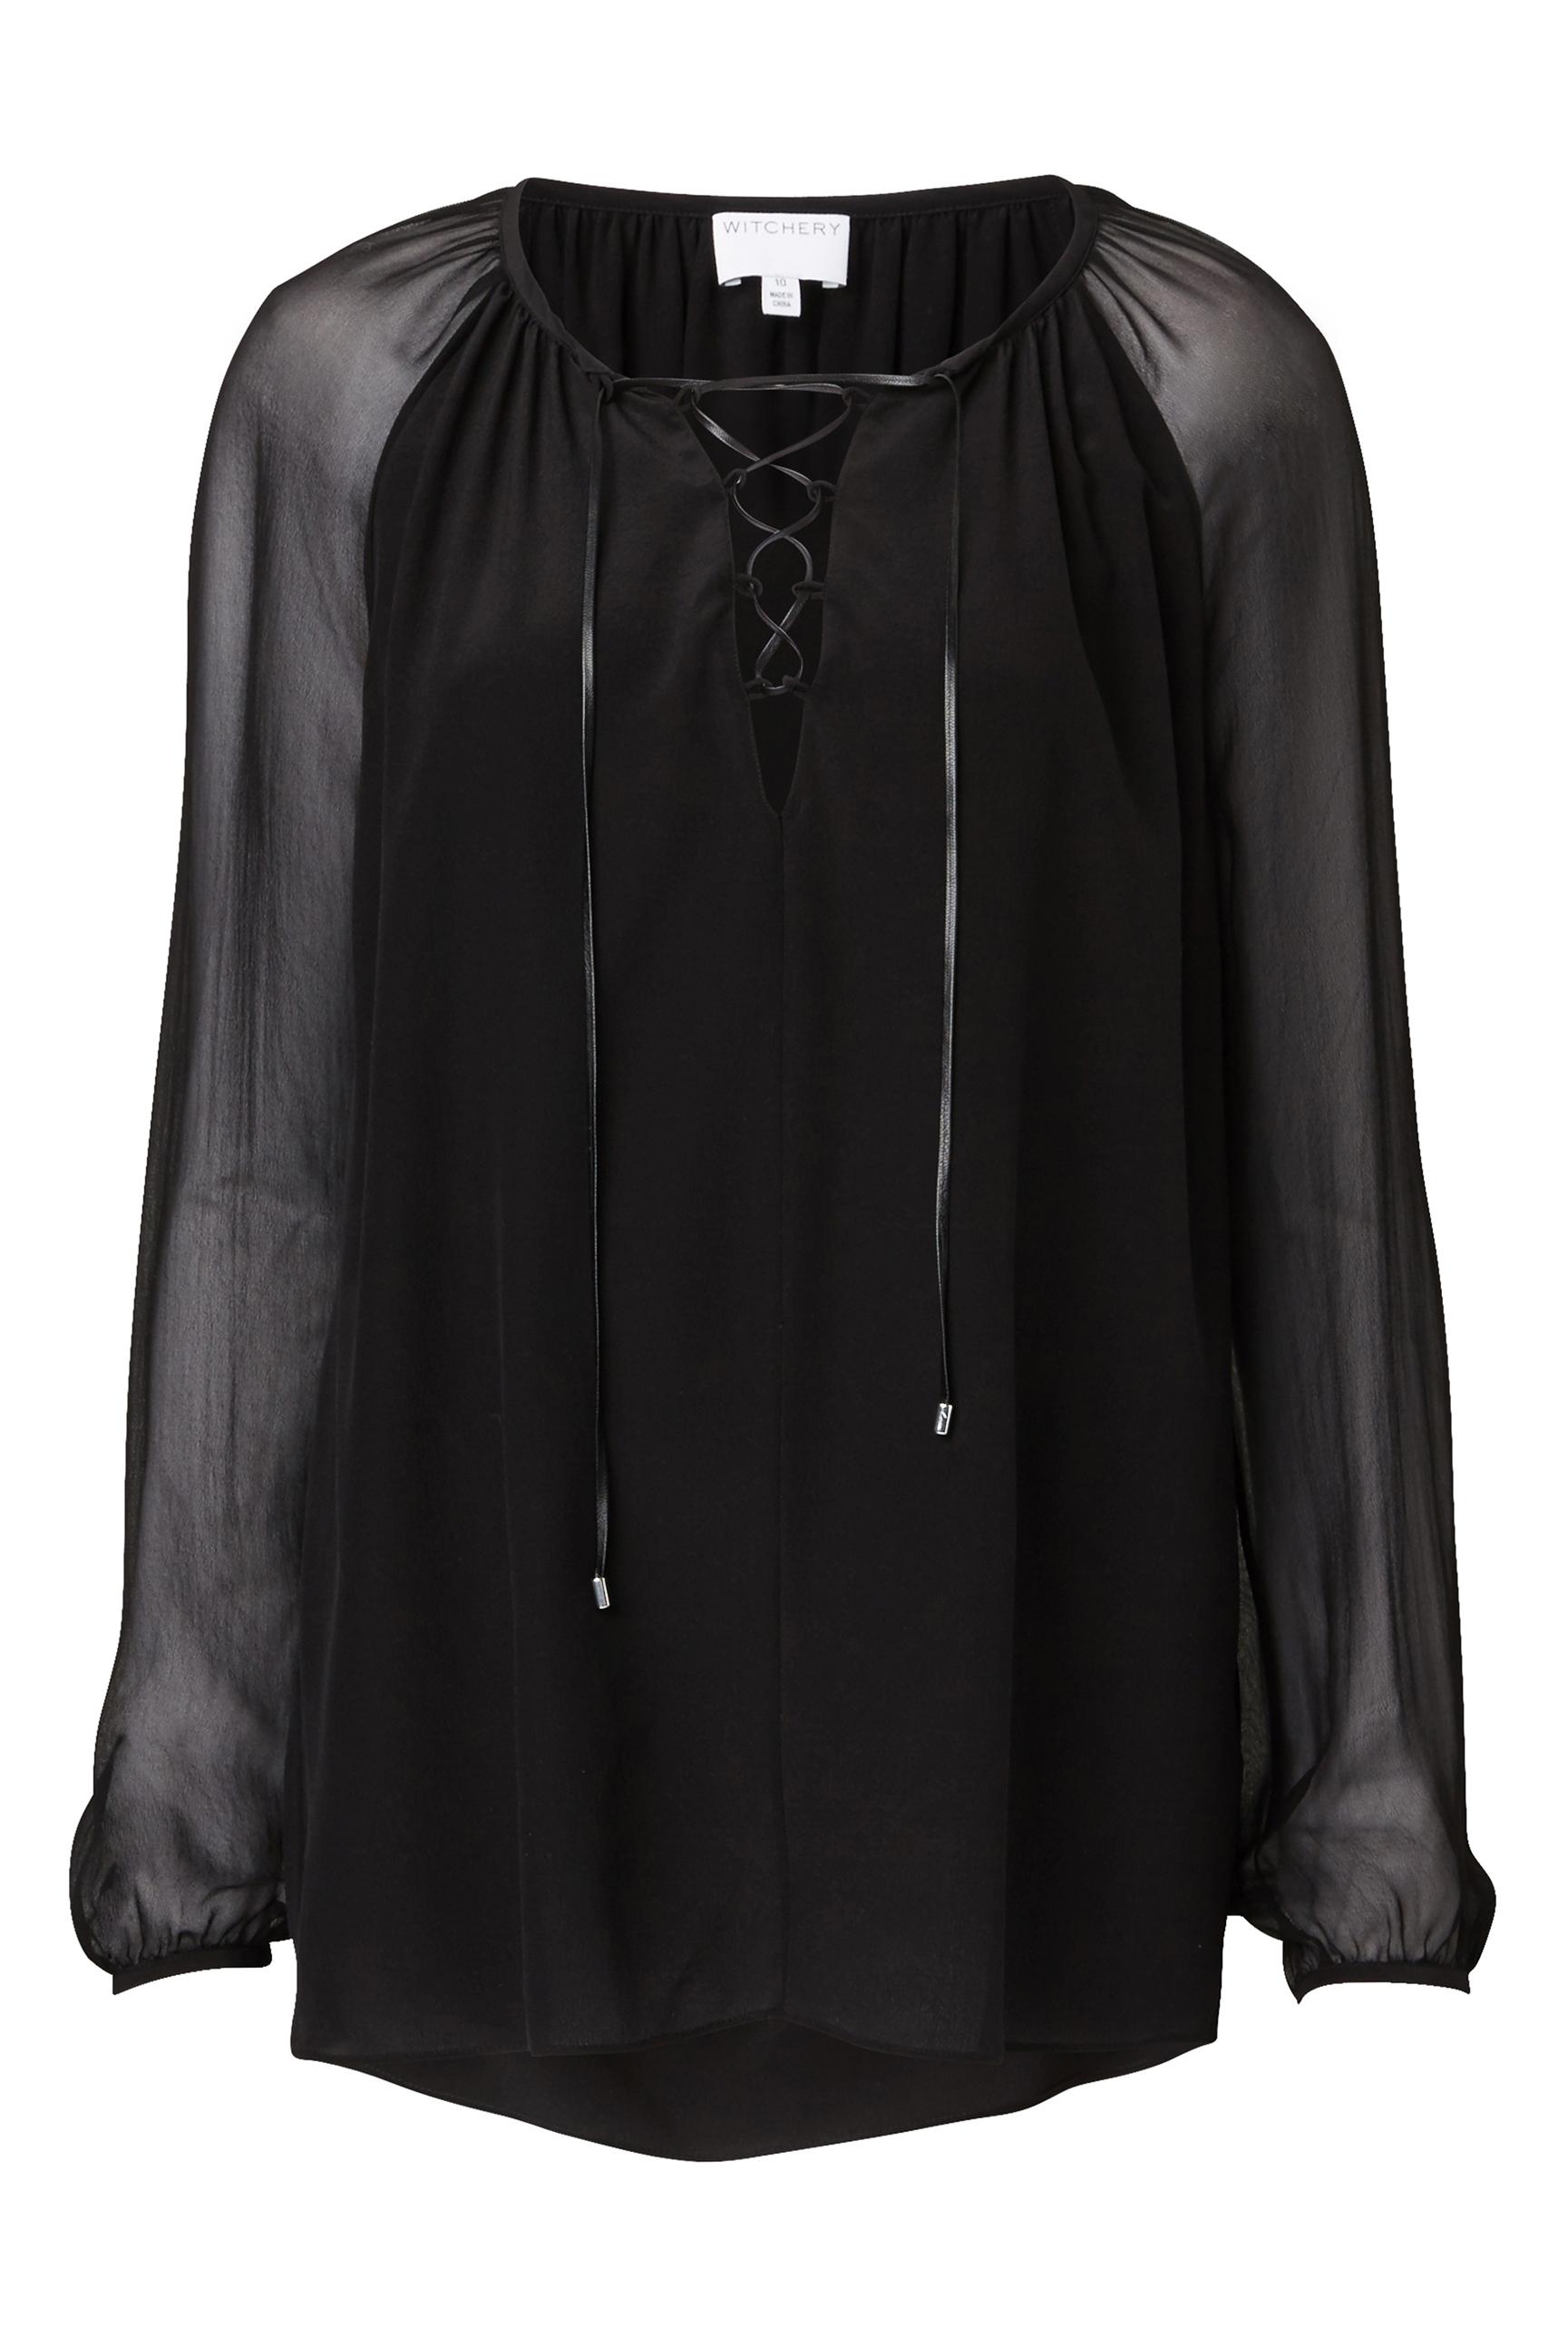 60193736_Witchery Trim Sheer Shirt, RRP$179.90